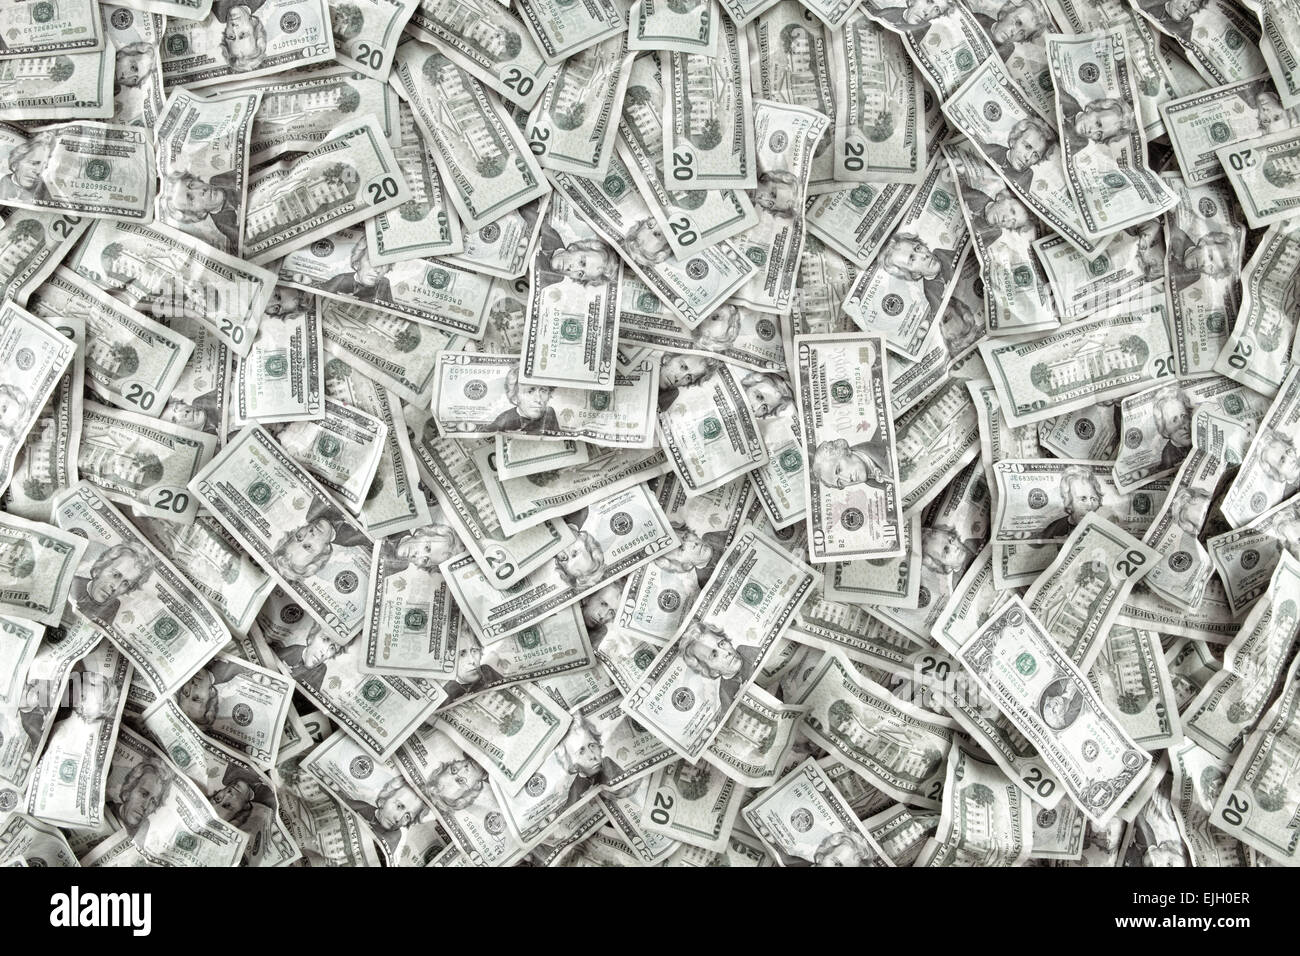 Cashing Money Stock Photos & Cashing Money Stock Images - Page 2 - Alamy